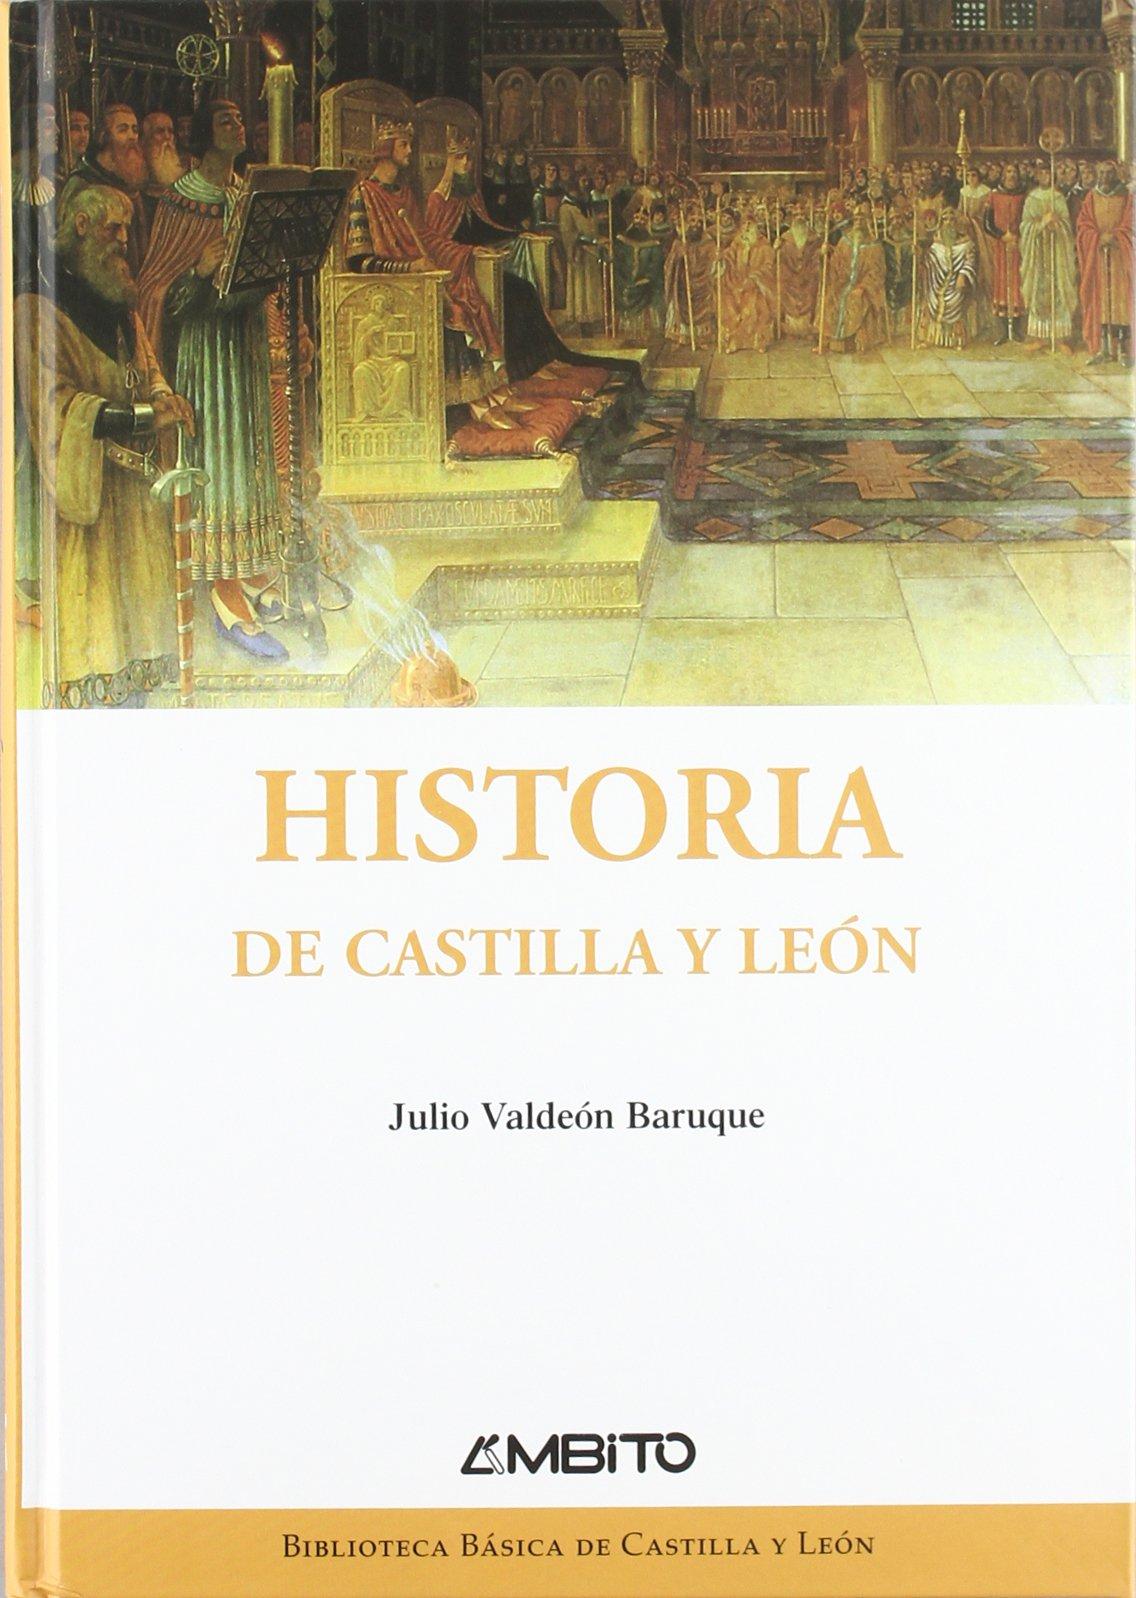 Historia de Castilla y León: Amazon.es: Valdeón Baruque, Julio: Libros